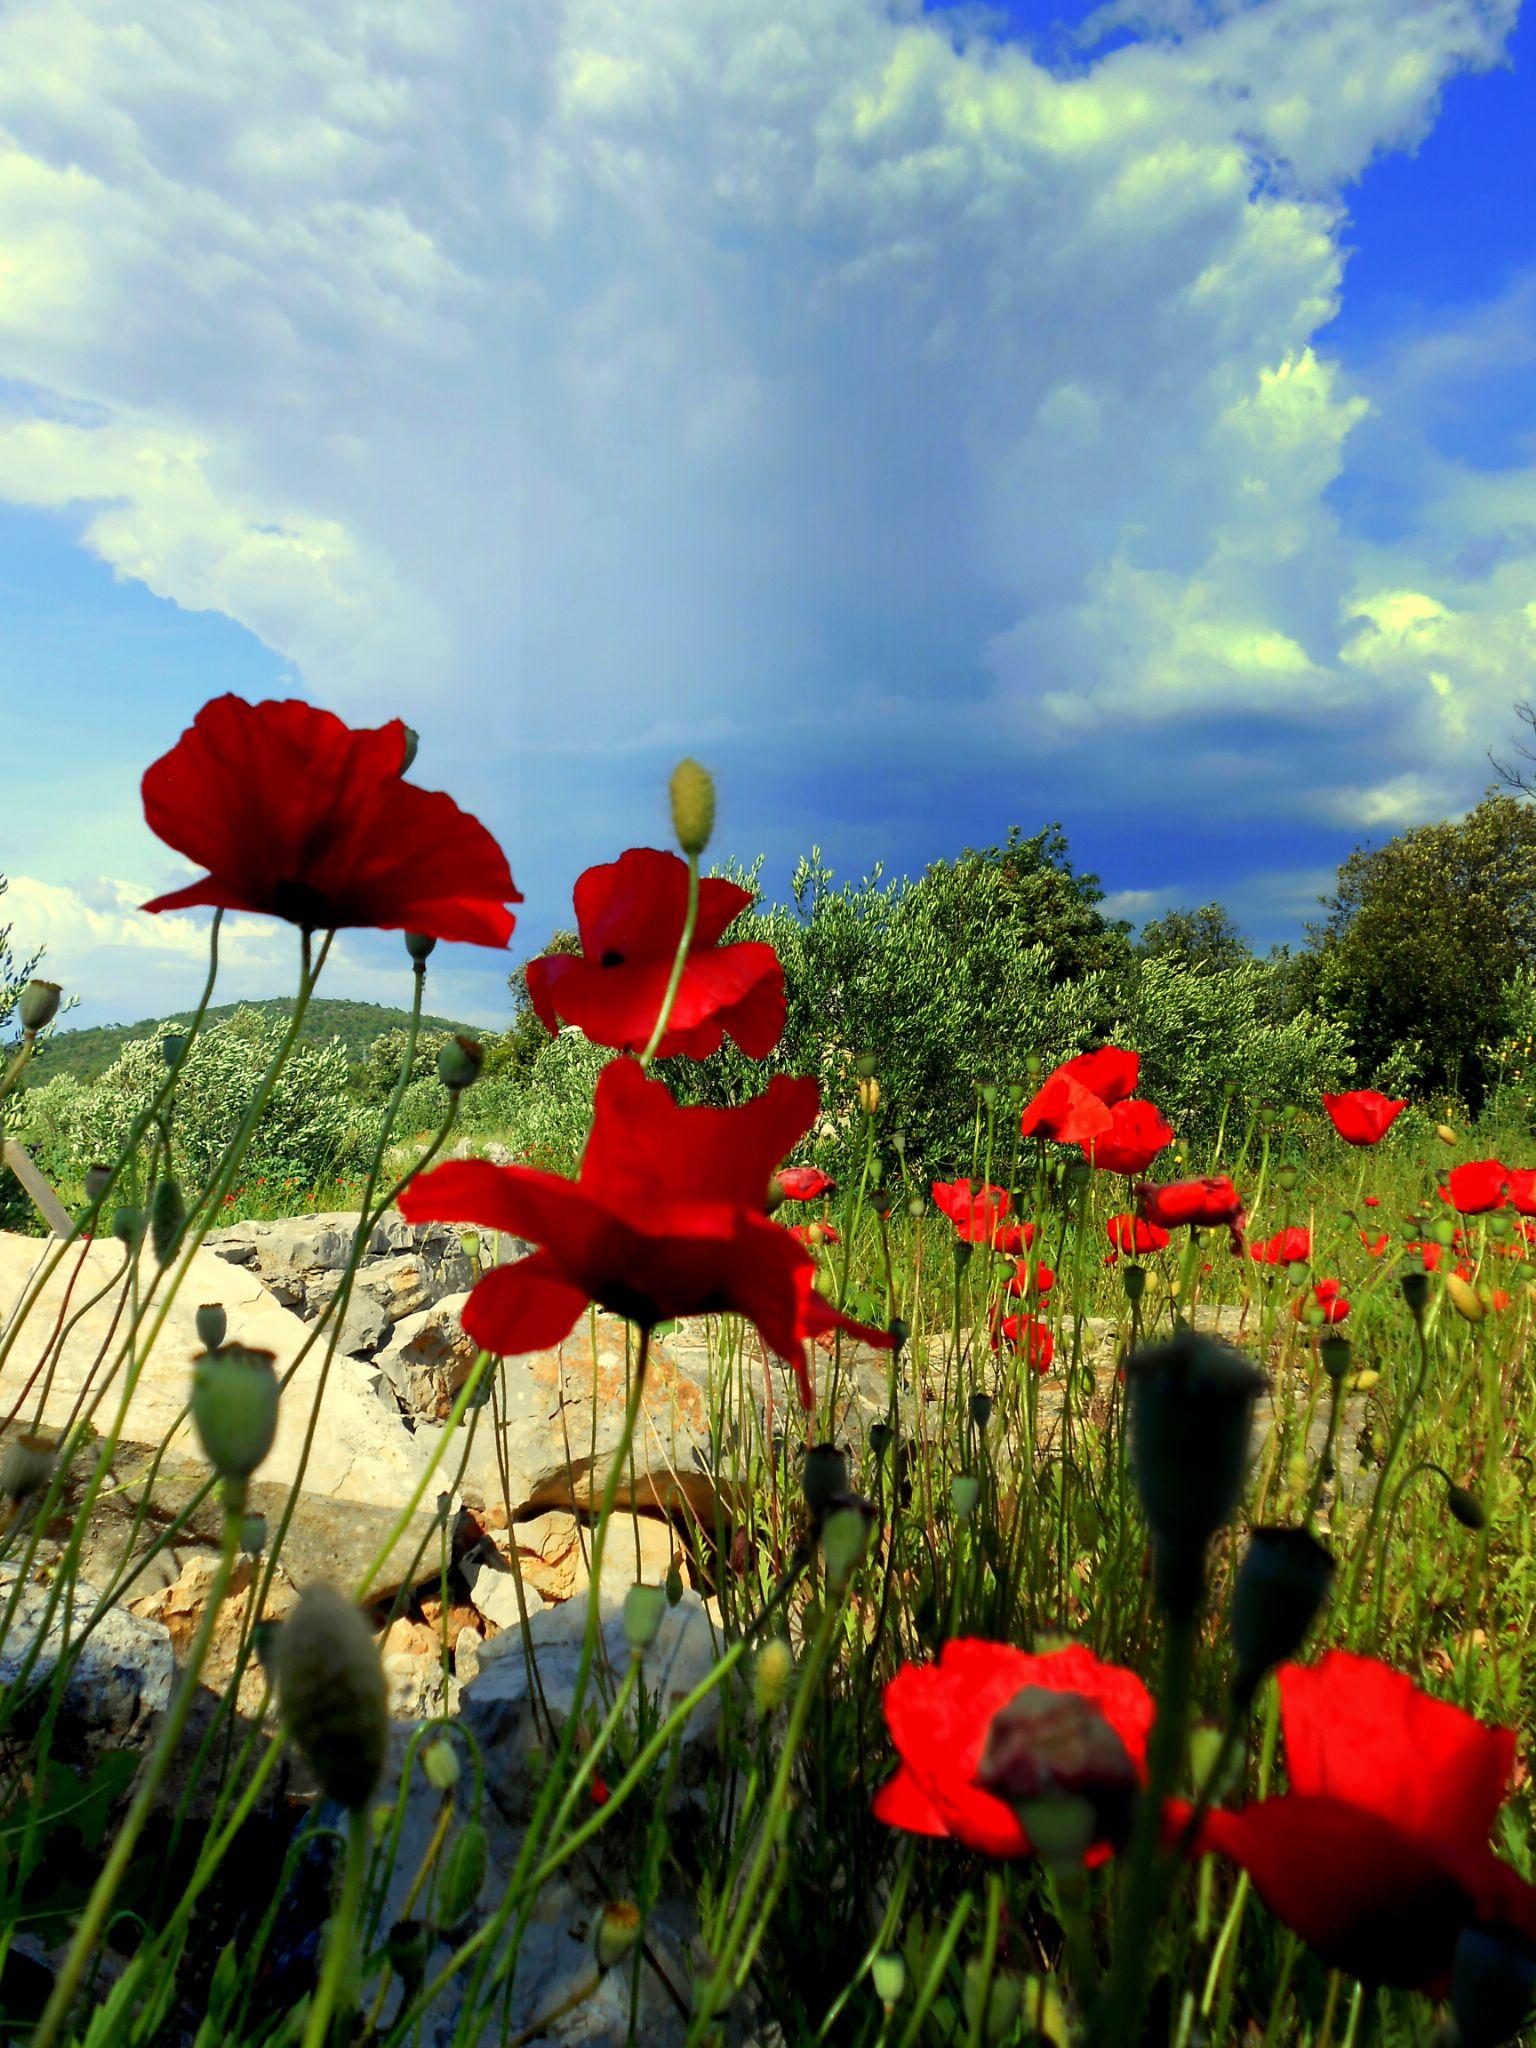 poppies  by meritta.glasnovich